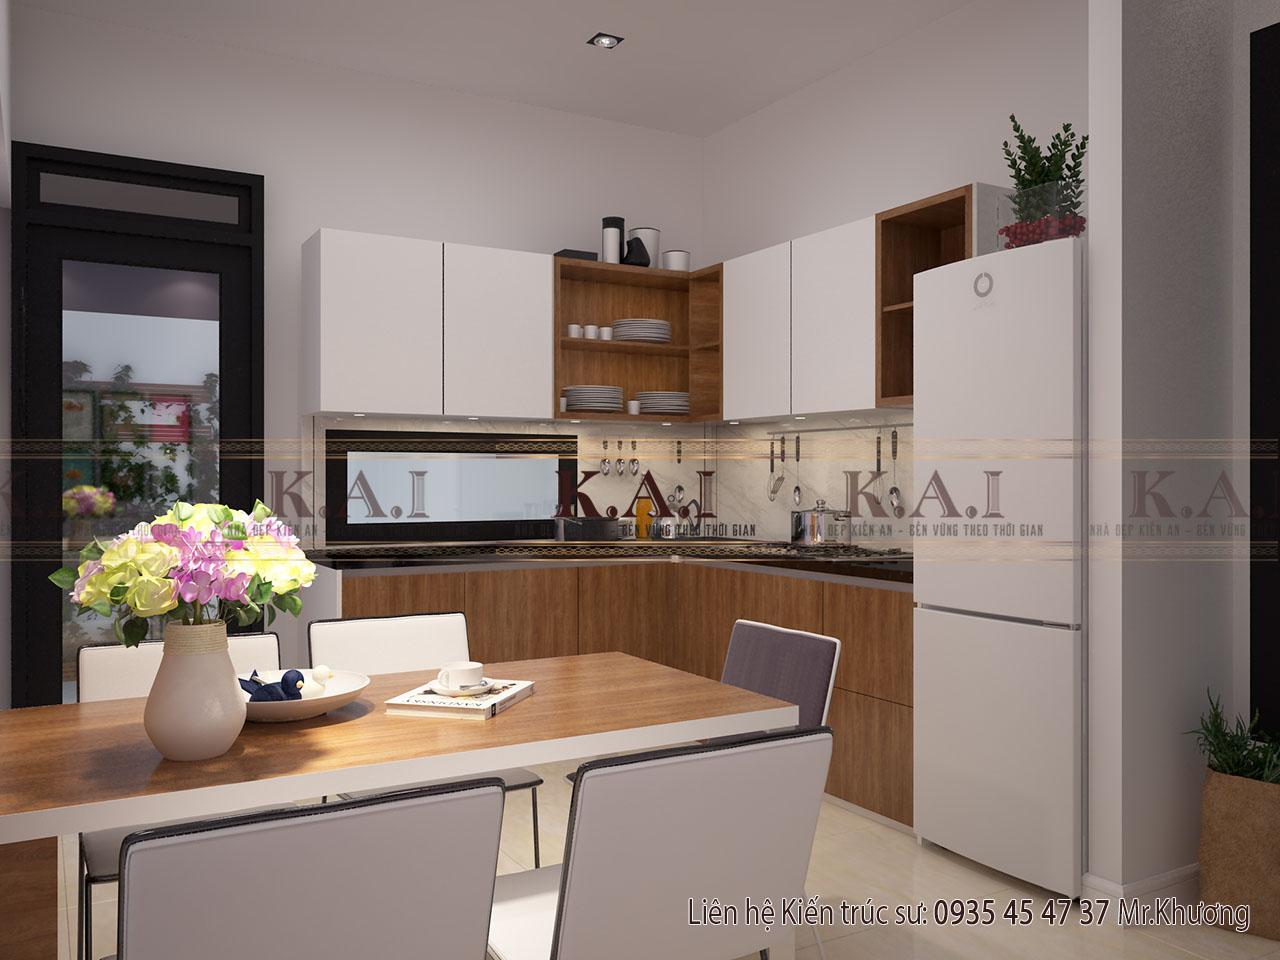 Phòng bếp 16m2 trong thiết kế nội thất 80m2